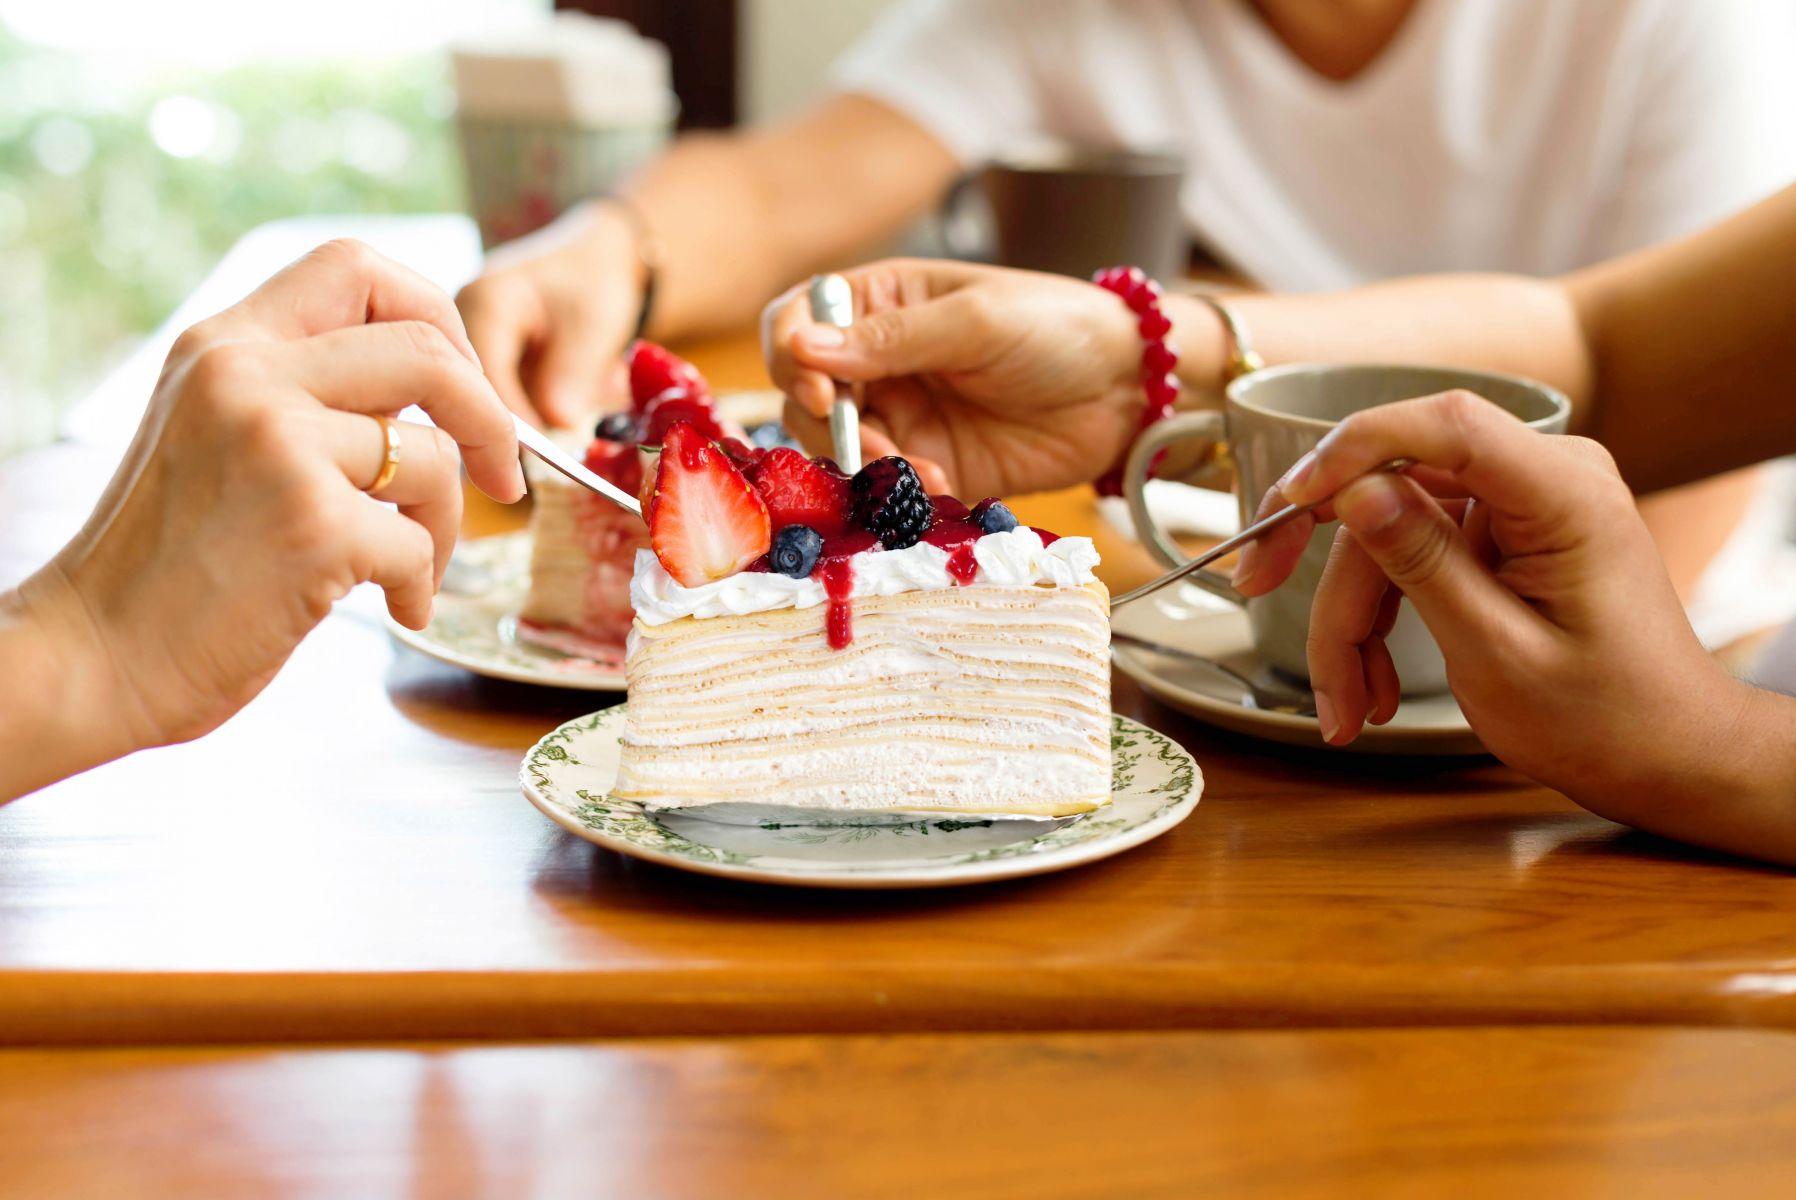 台灣淪為糖尿病之島...國健署揭血糖失控食物表:除了飲料甜點之外,這3種也要少吃